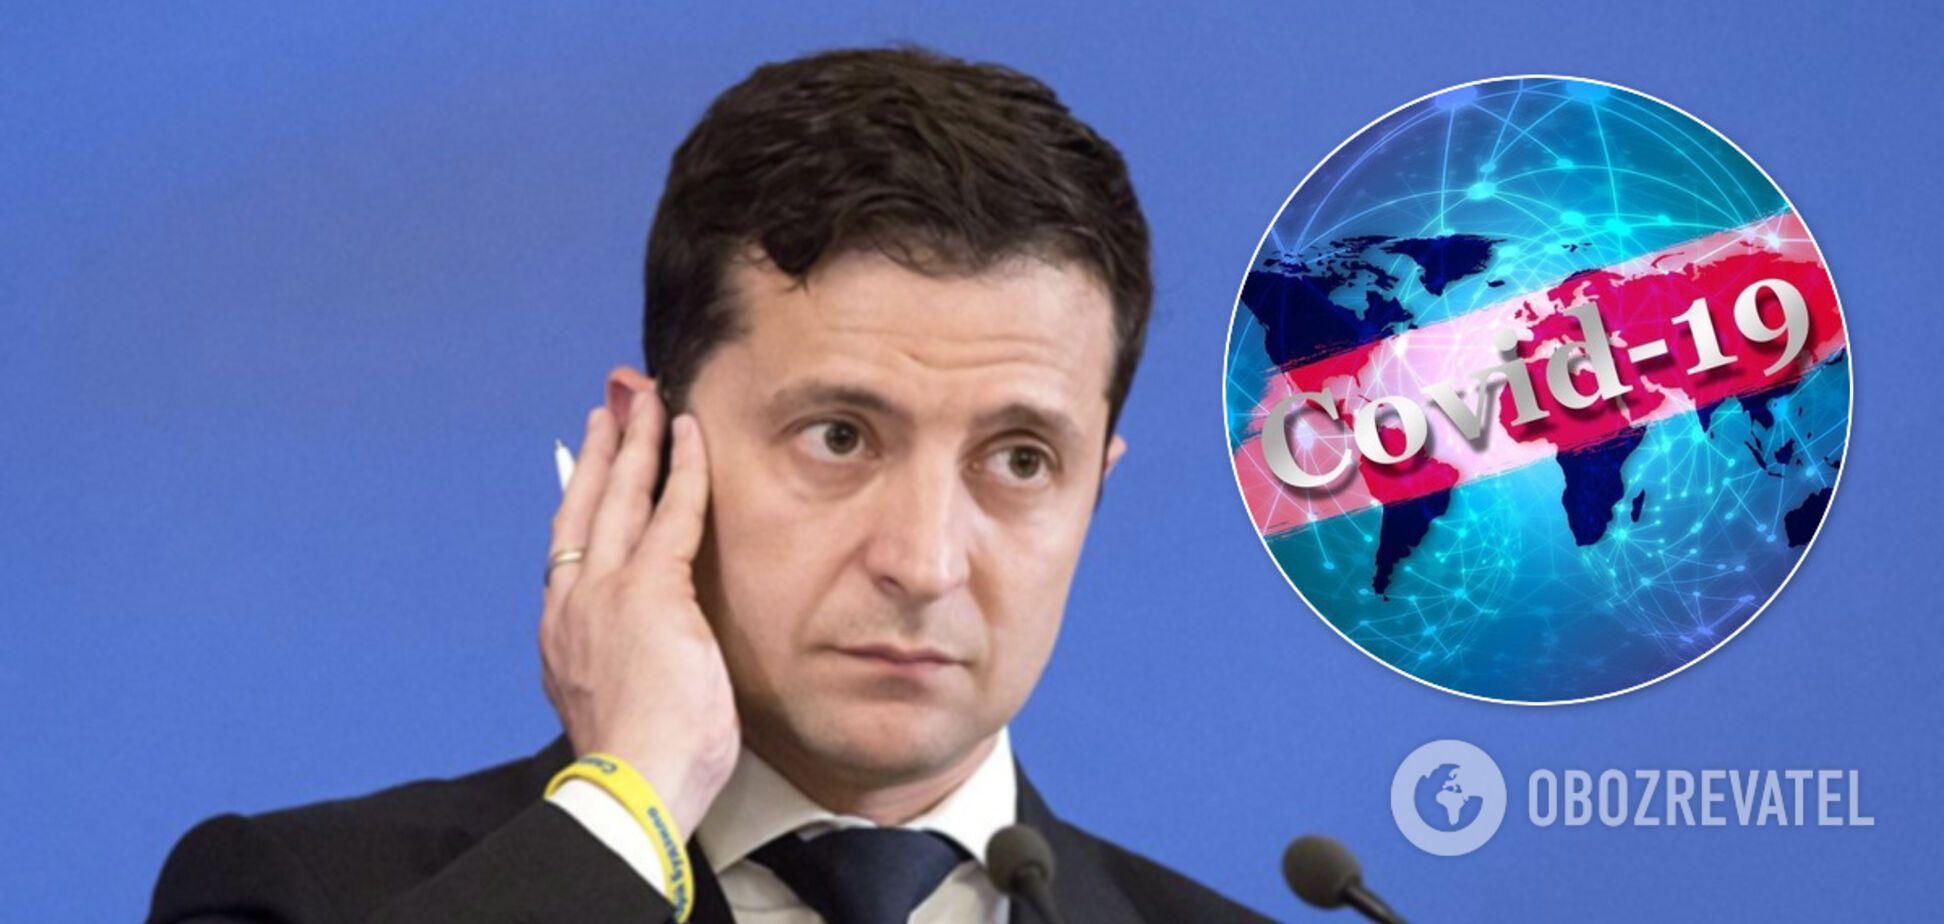 Зеленський зв'язався із представниками ЄС і ООН через пандемію: про що говорили